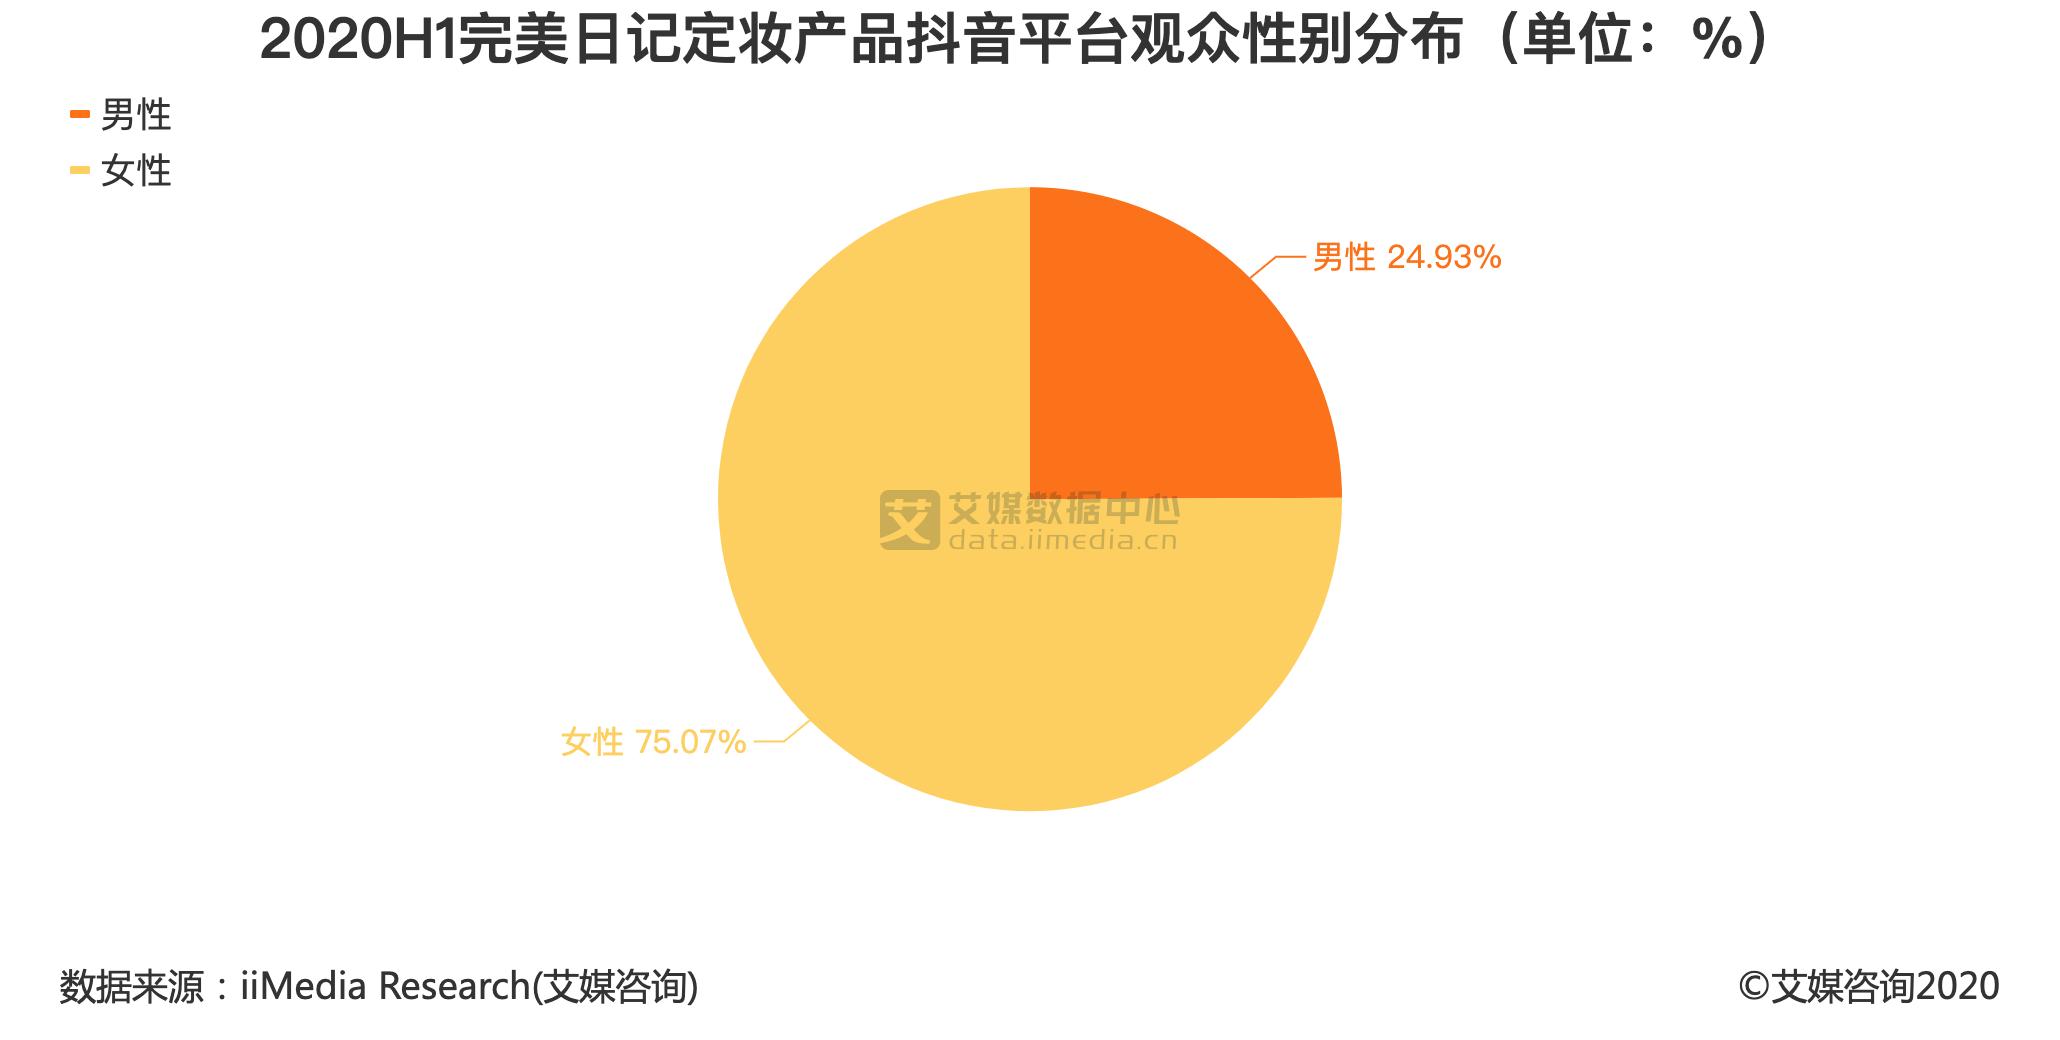 2020H1完美日记定妆产品抖音平台观众性别分布(单位:%)